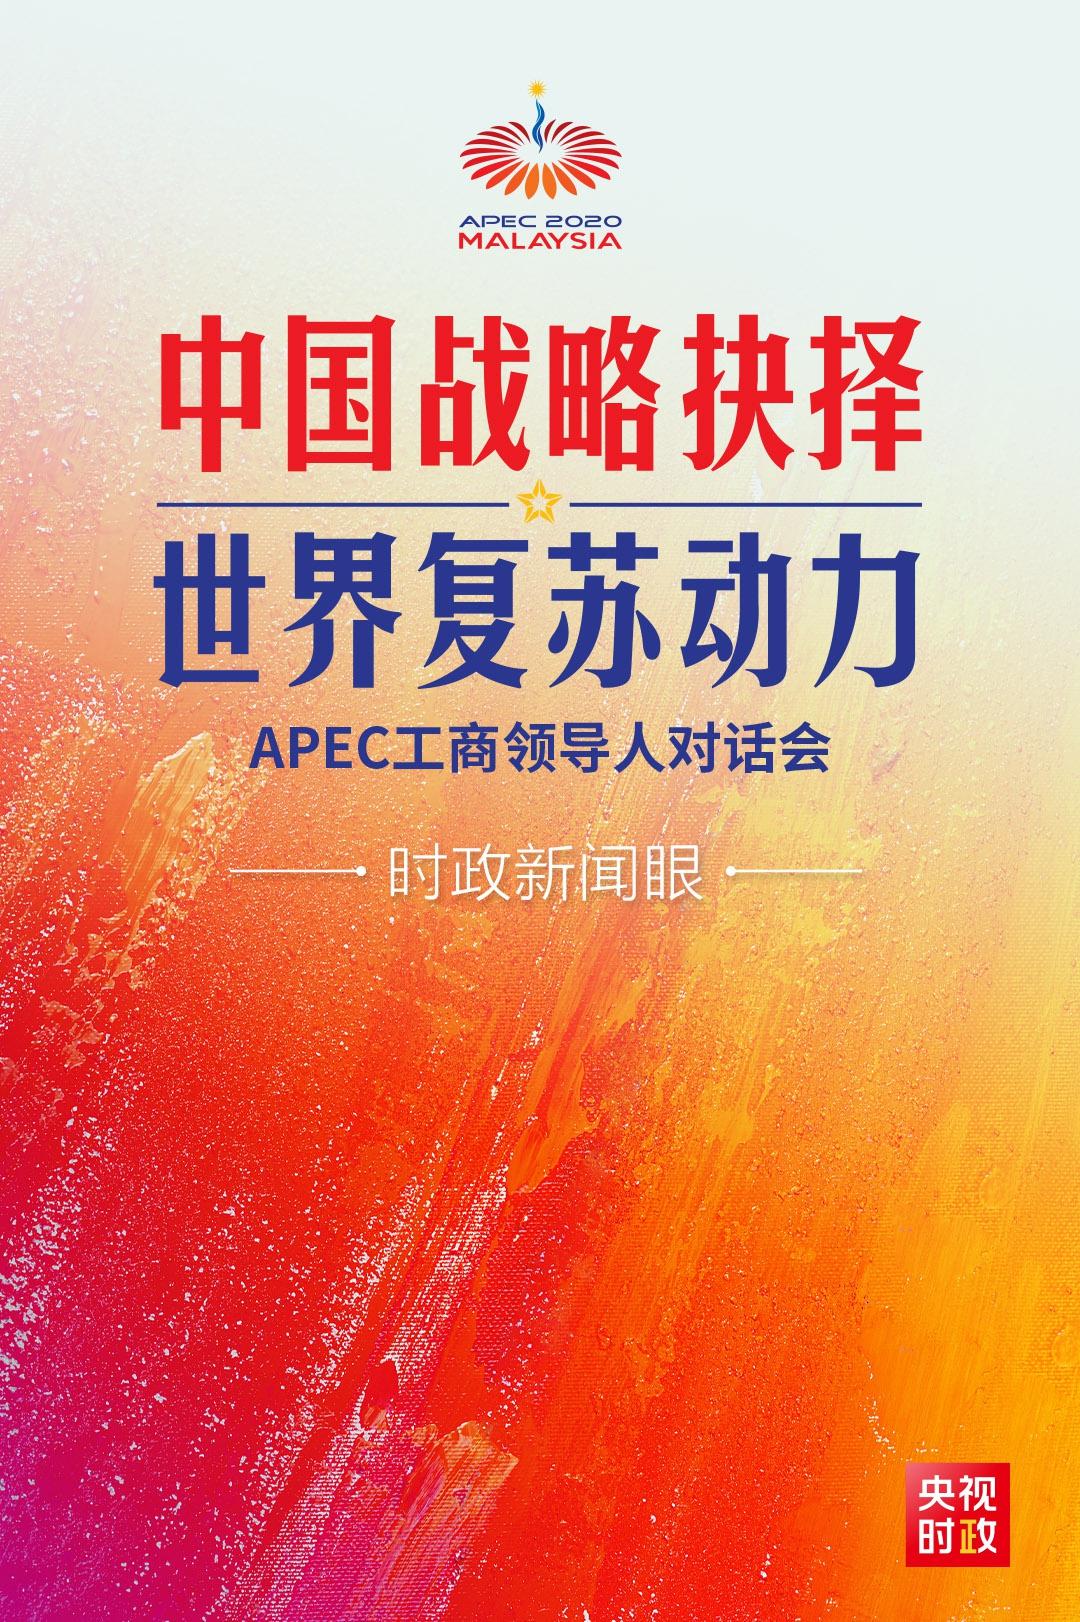 在APEC这场对话会上,习近平阐述中国抉择的世界意义图片